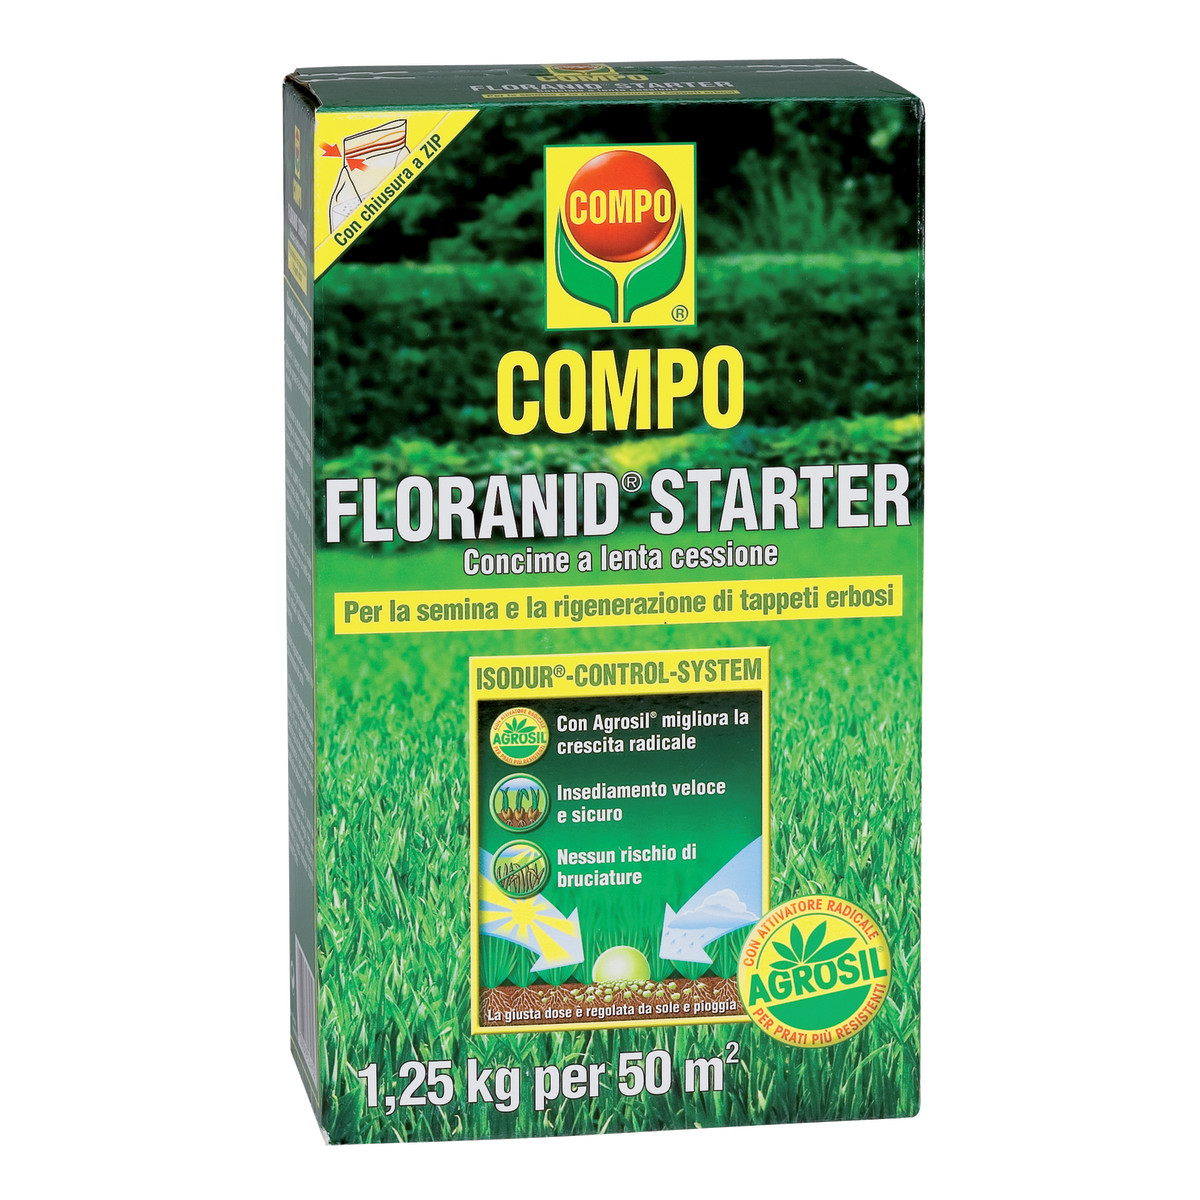 Compo giardino concime universale lenta cessione - Concime per prato verde ...